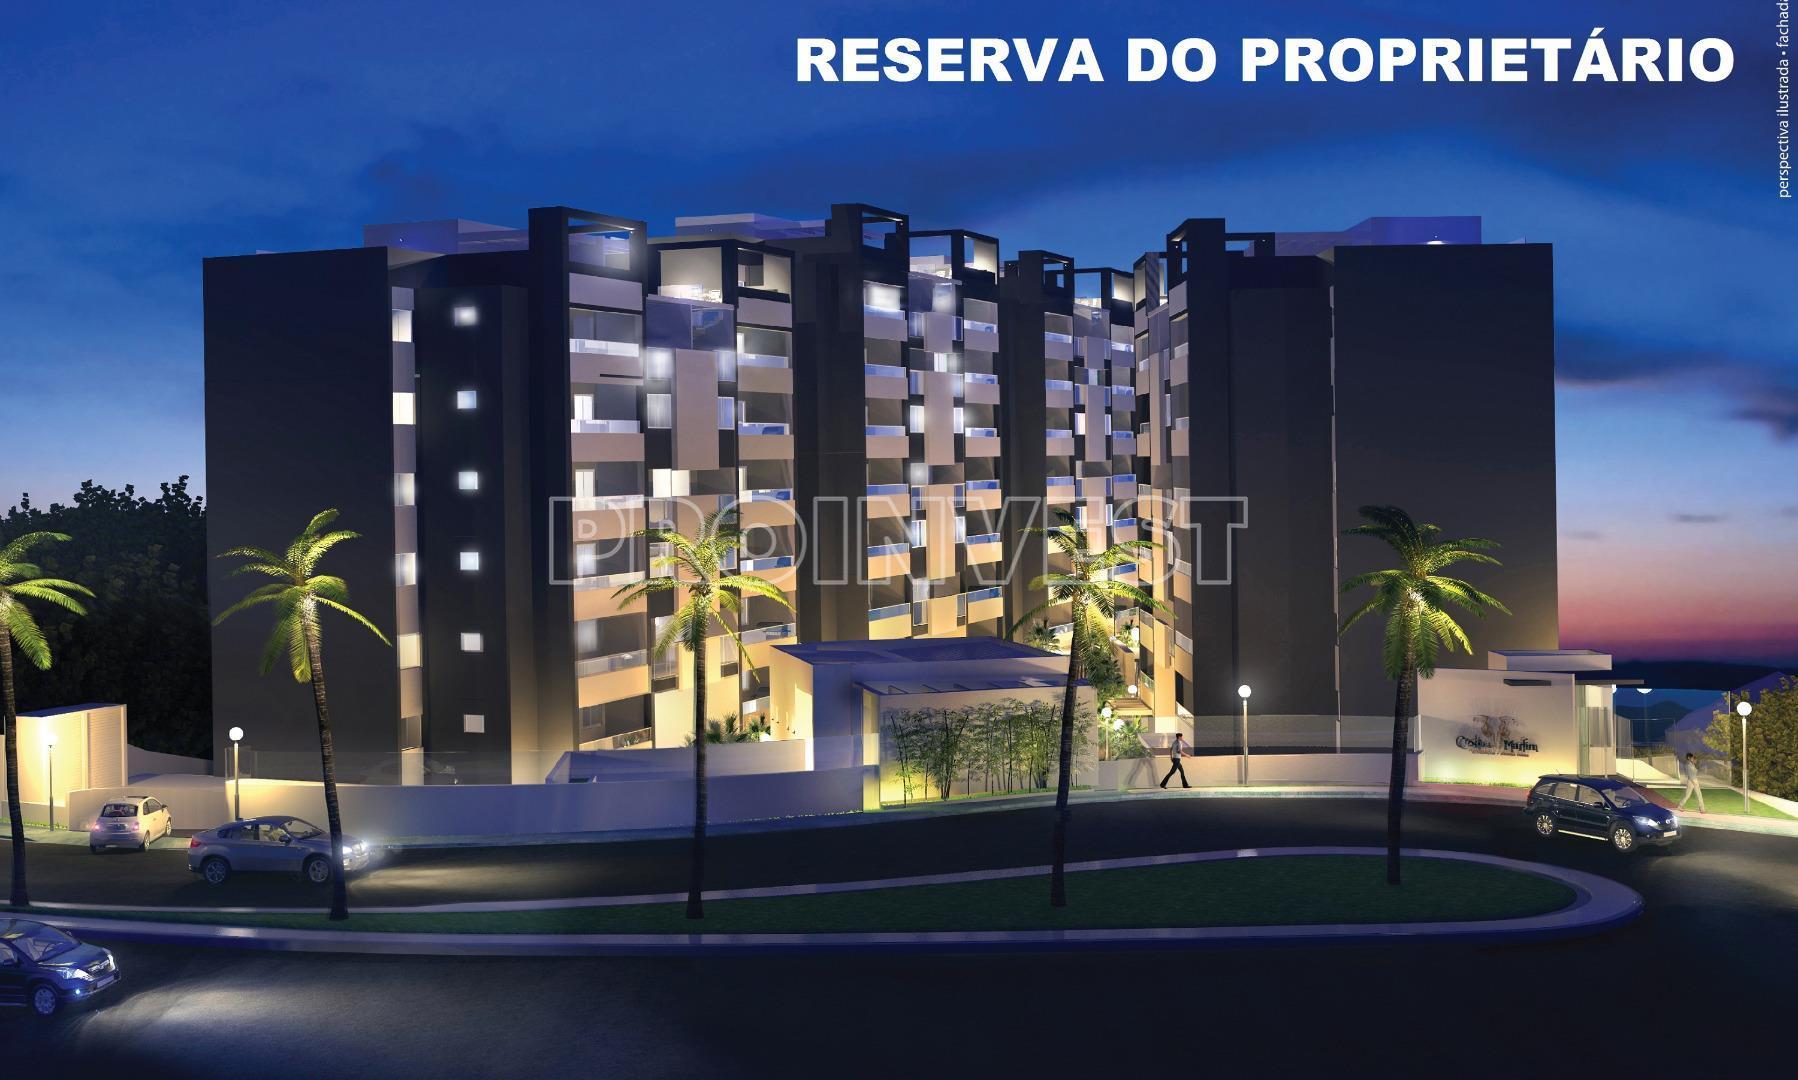 Apartamento de 1 dormitório em Residencial Costa Do Marfim, Cotia - SP